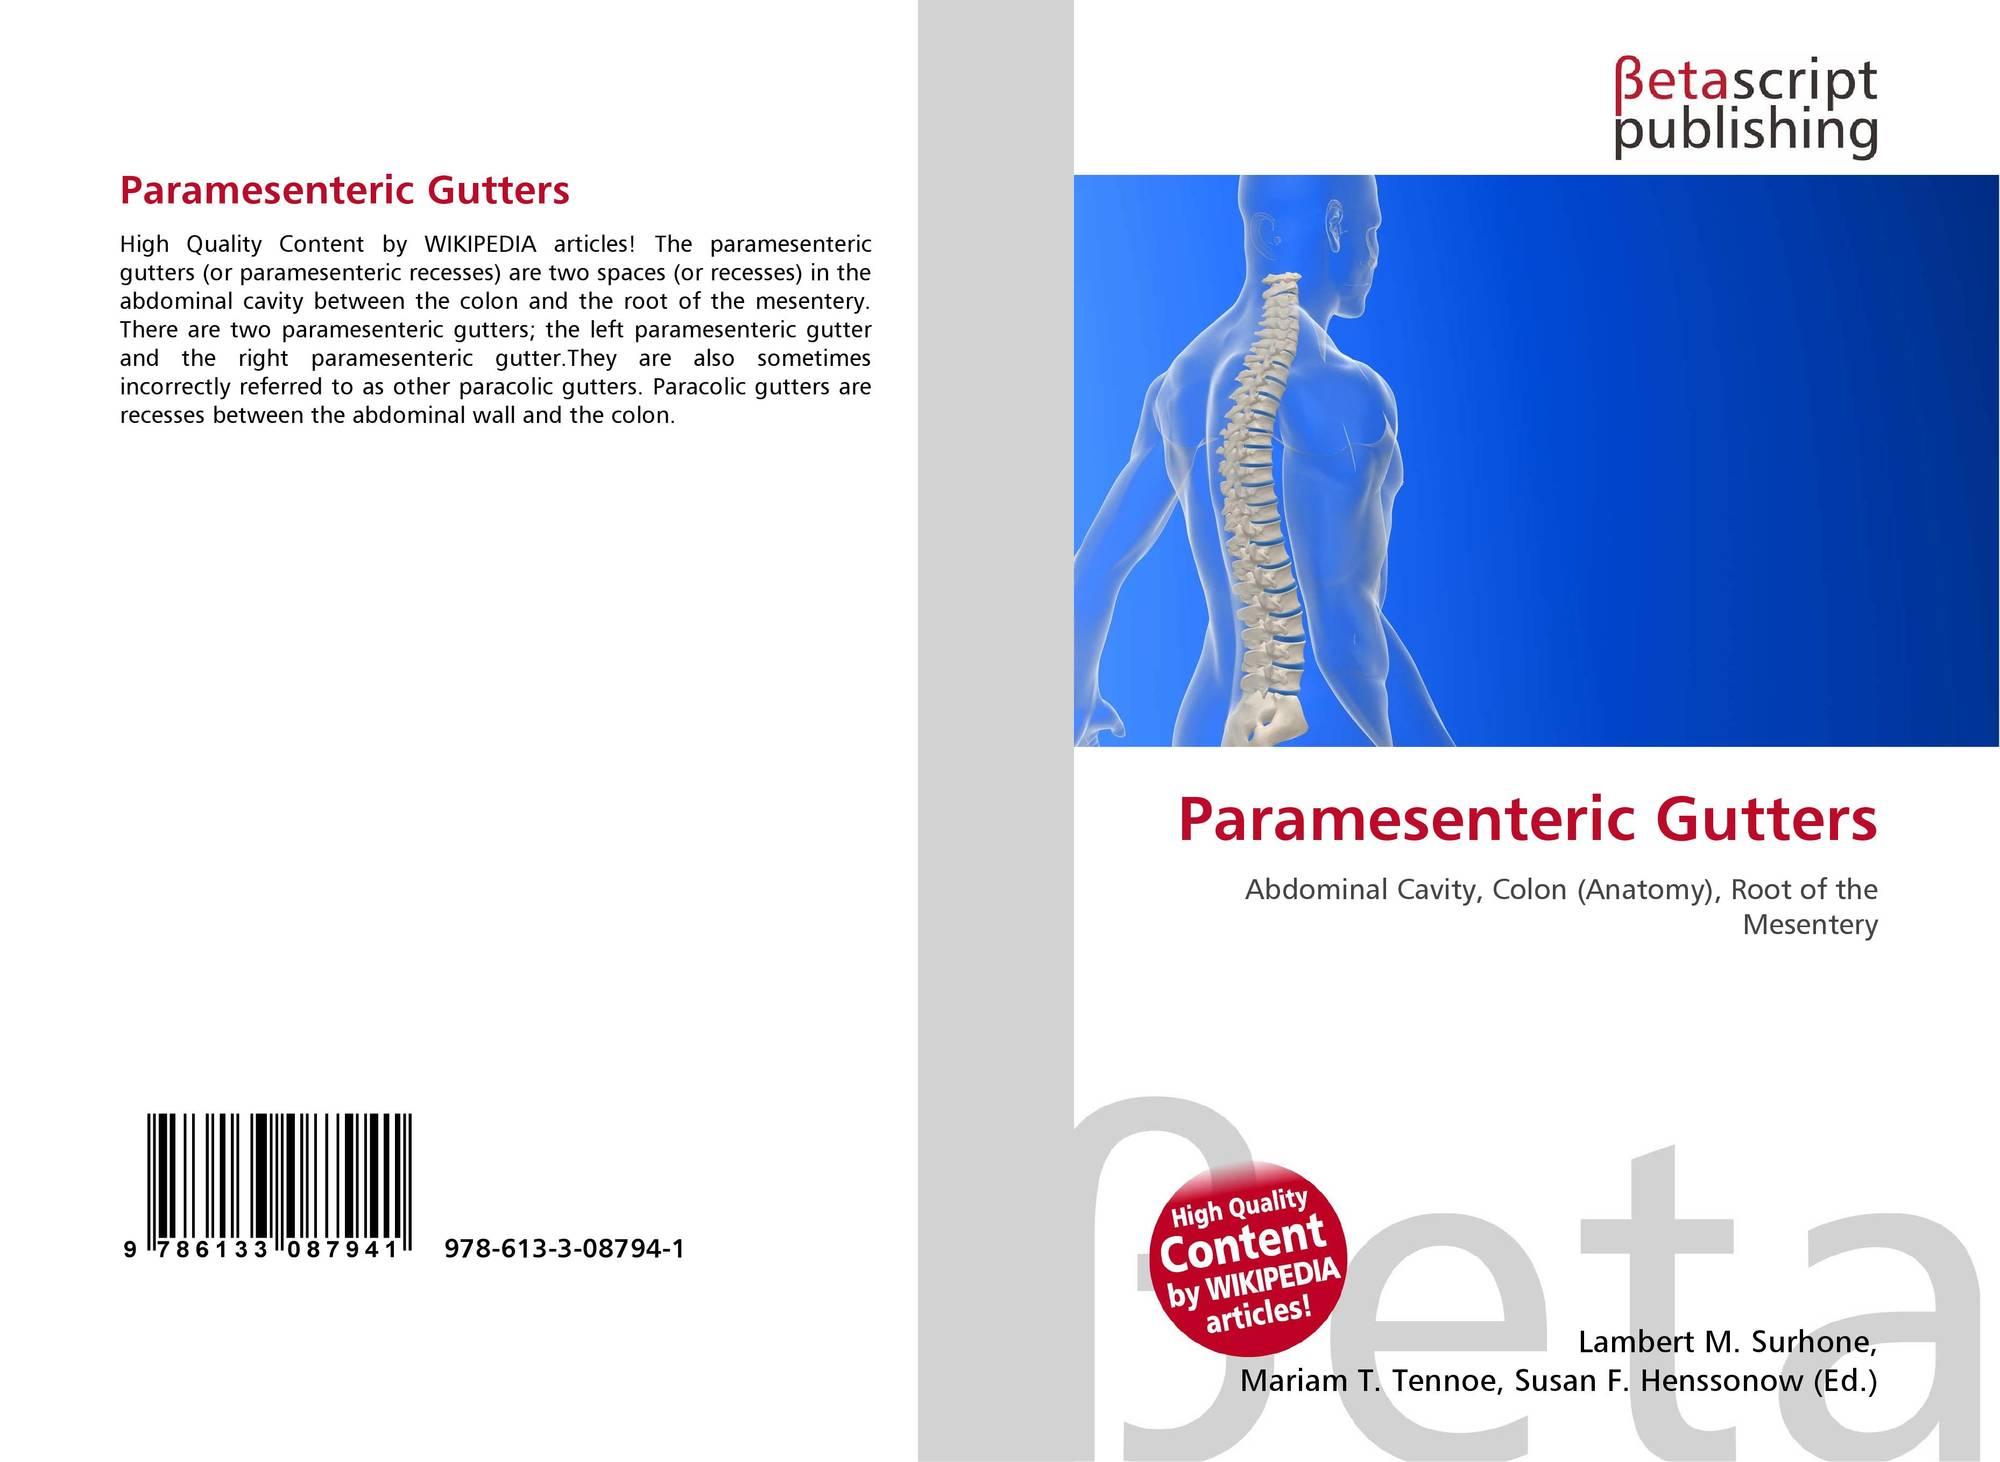 Paramesenteric Gutters 978 613 3 08794 1 6133087943 9786133087941